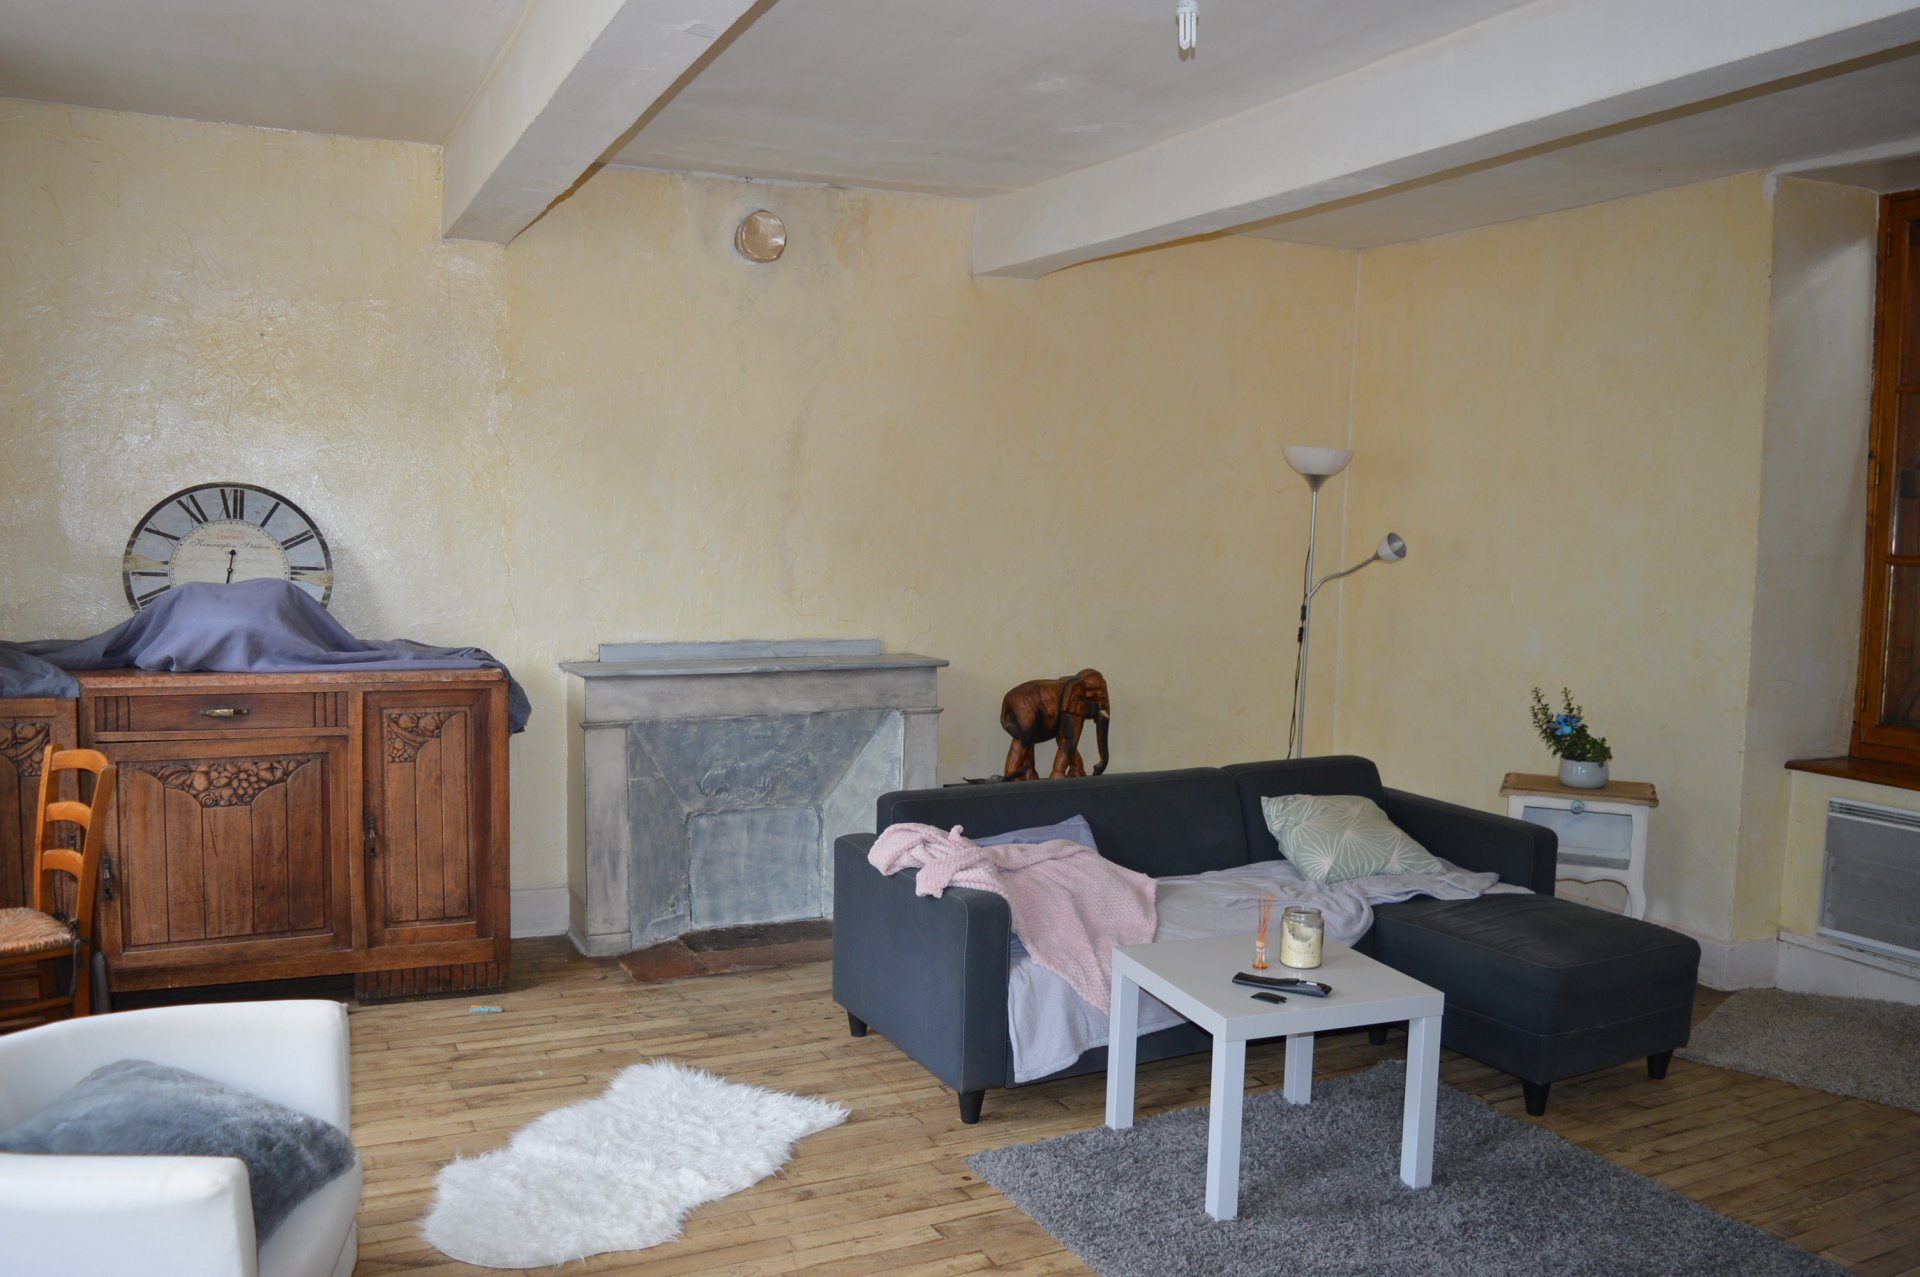 Location Maison/Villa 4 pièces Juzet-d'Izaut 31160